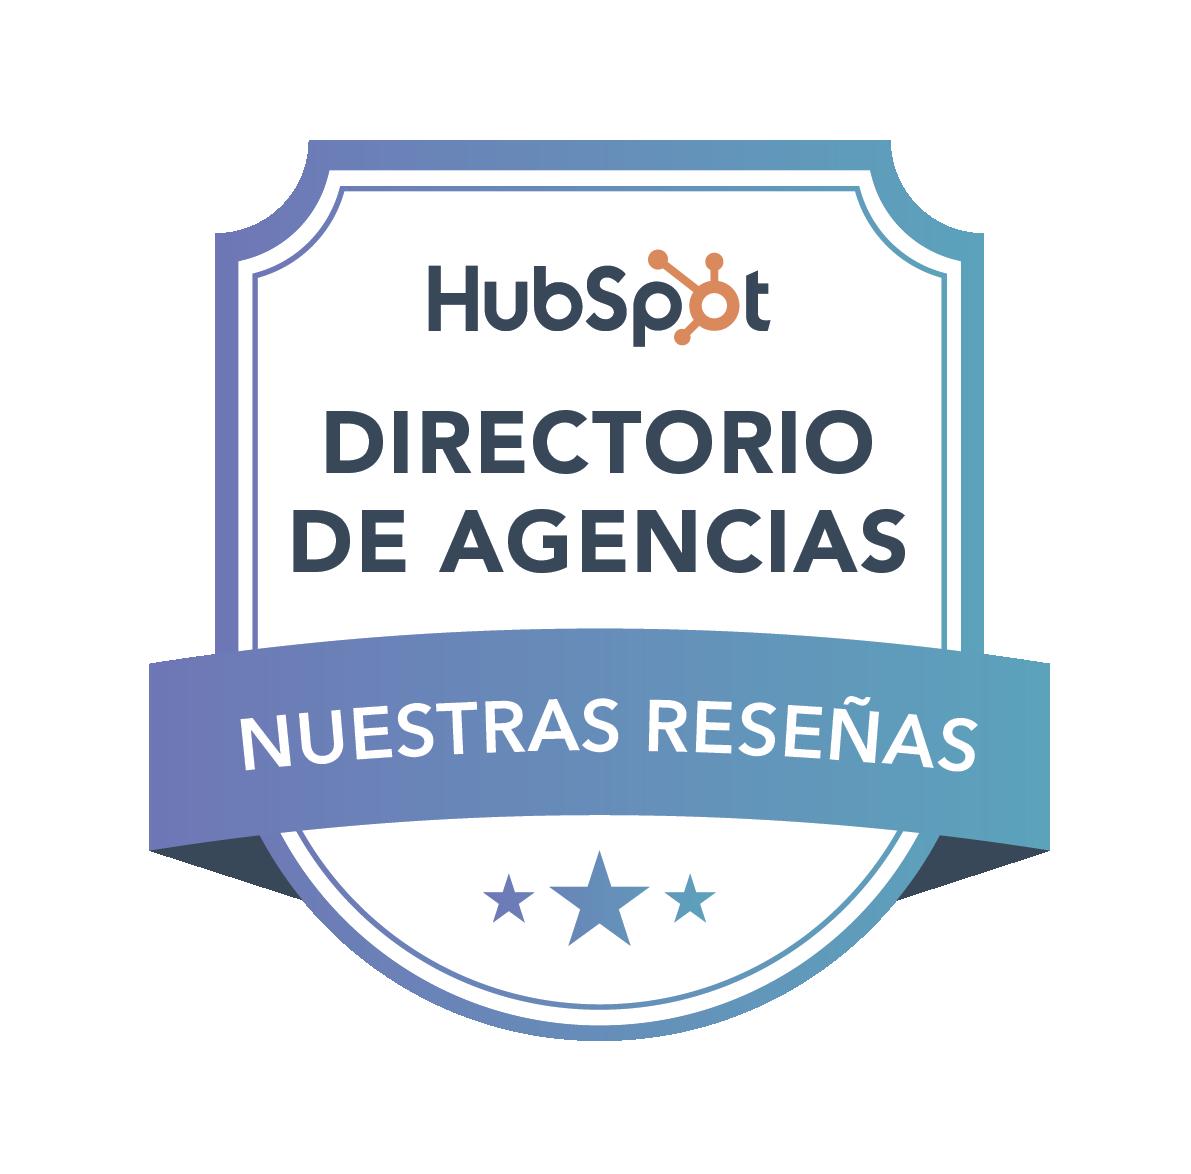 Lea nuestras reseñas en el directorio de agencias de HubSpot.